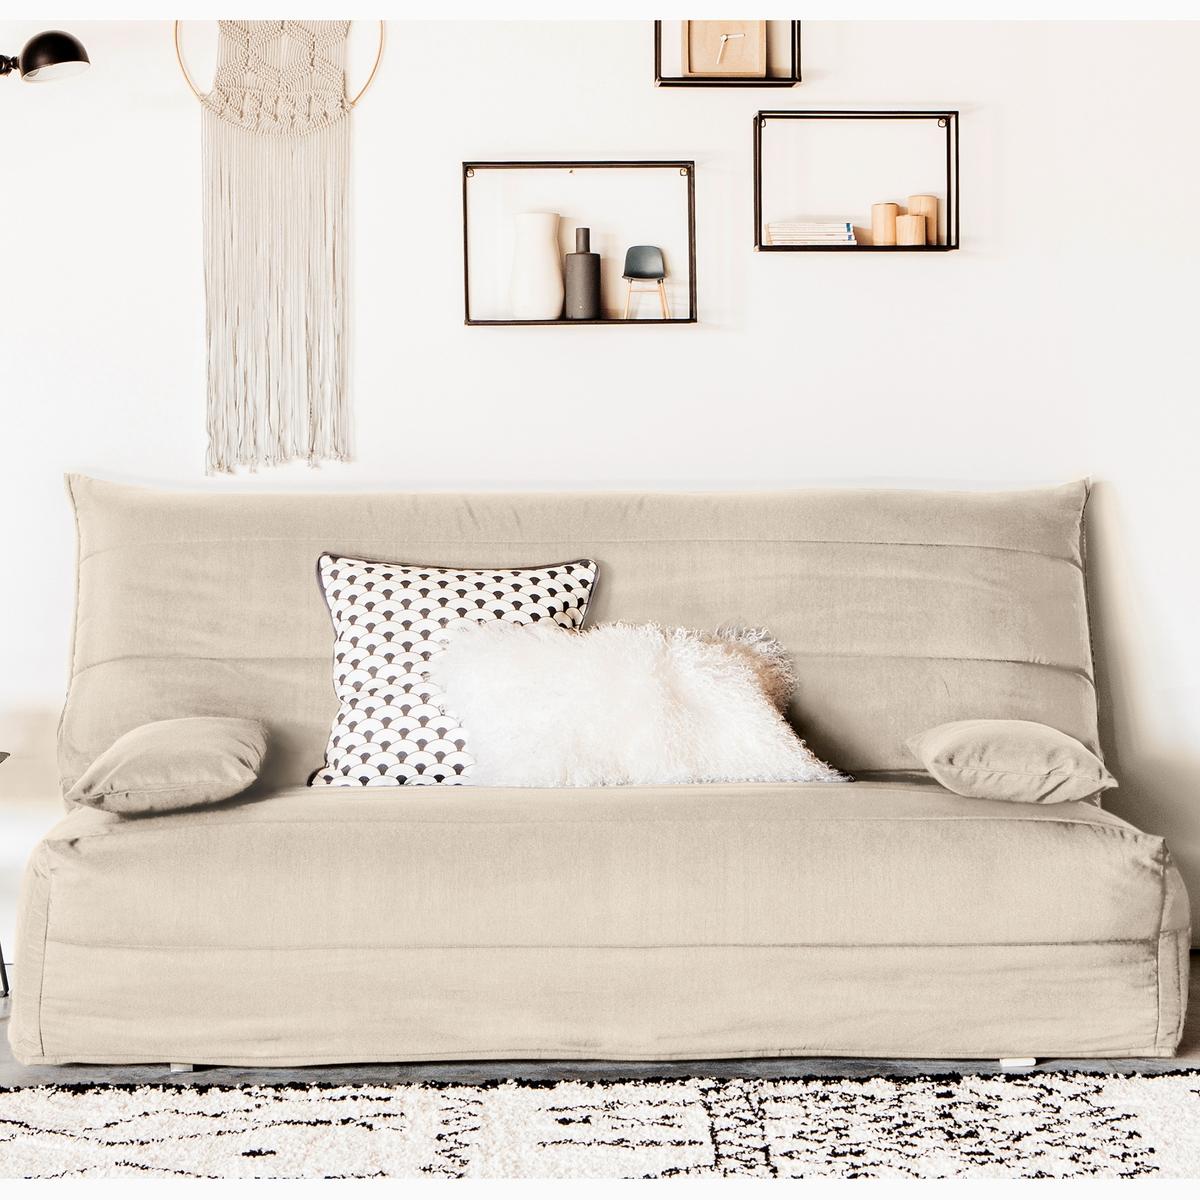 Чехол из полихлопка для диванаЧехол из полихлопка для дивана   . Чехол качества VALEUR SURE из ткани 70% хлопка, 30% полиэстера  . Наполнитель 100% полиэстера, 150 г/м? .Характеристики чехла для дивана  :- Хорошо облегает, покрывает целиком диван (частично спинку дивана)   Эластичные края. - Прострочка в виде линии  .- Стирка при 40°С.Размеры чехла для дивана  :- ширина 140 см, или 160 см  .<br><br>Цвет: бежевый,гранатовый,серый жемчужный,сине-зеленый,синий индиго,темно-серый,черный,экрю<br>Размер: 140 cm